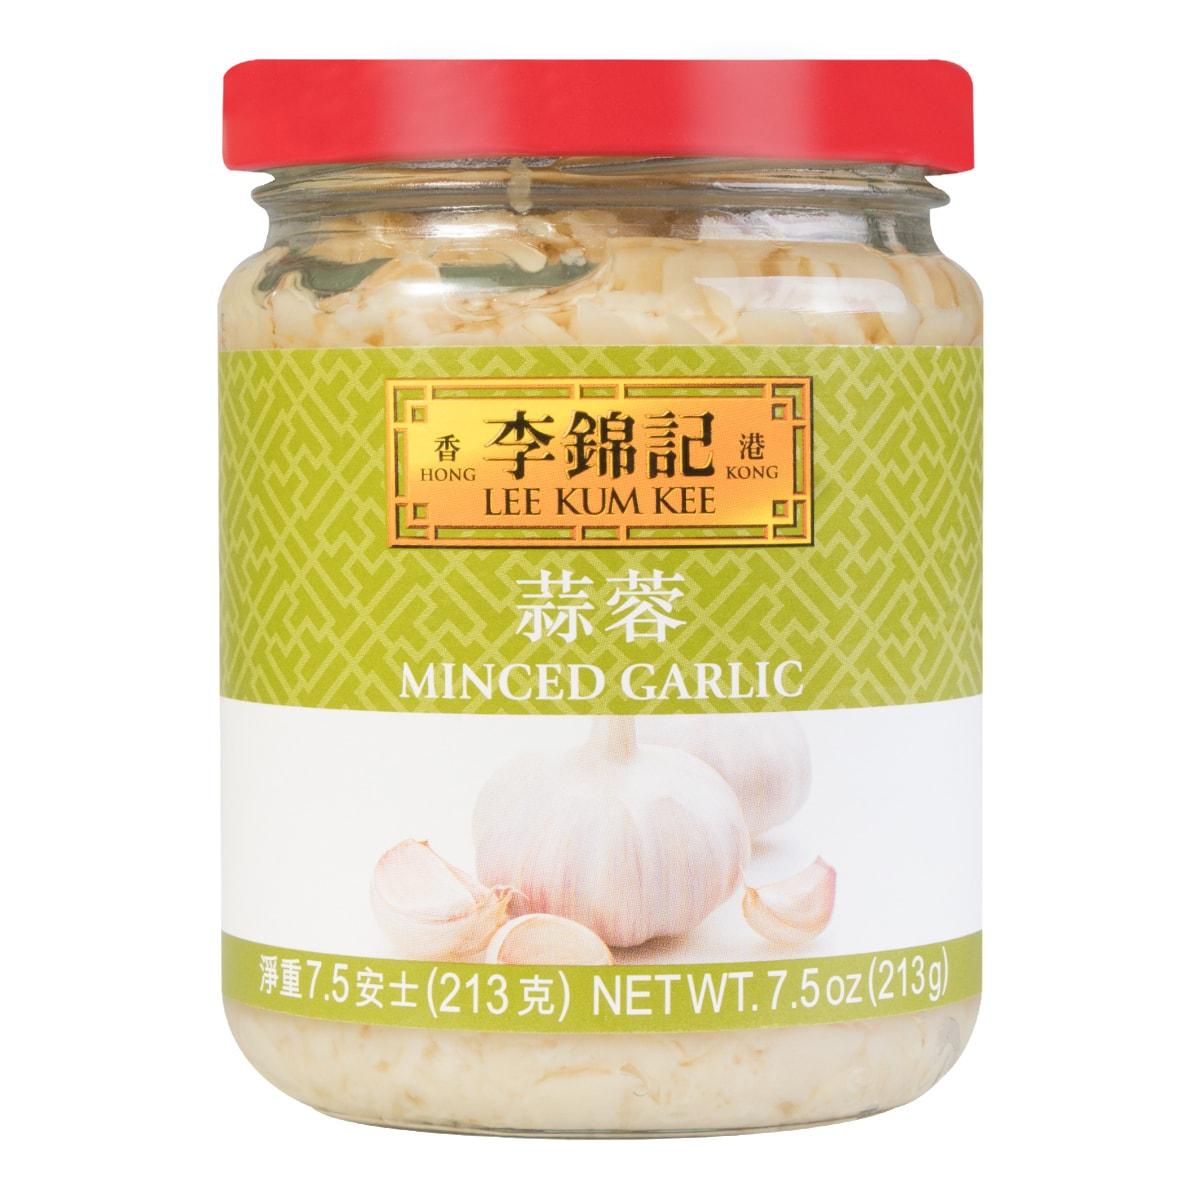 香港李锦记 瓶装蒜蓉 213g